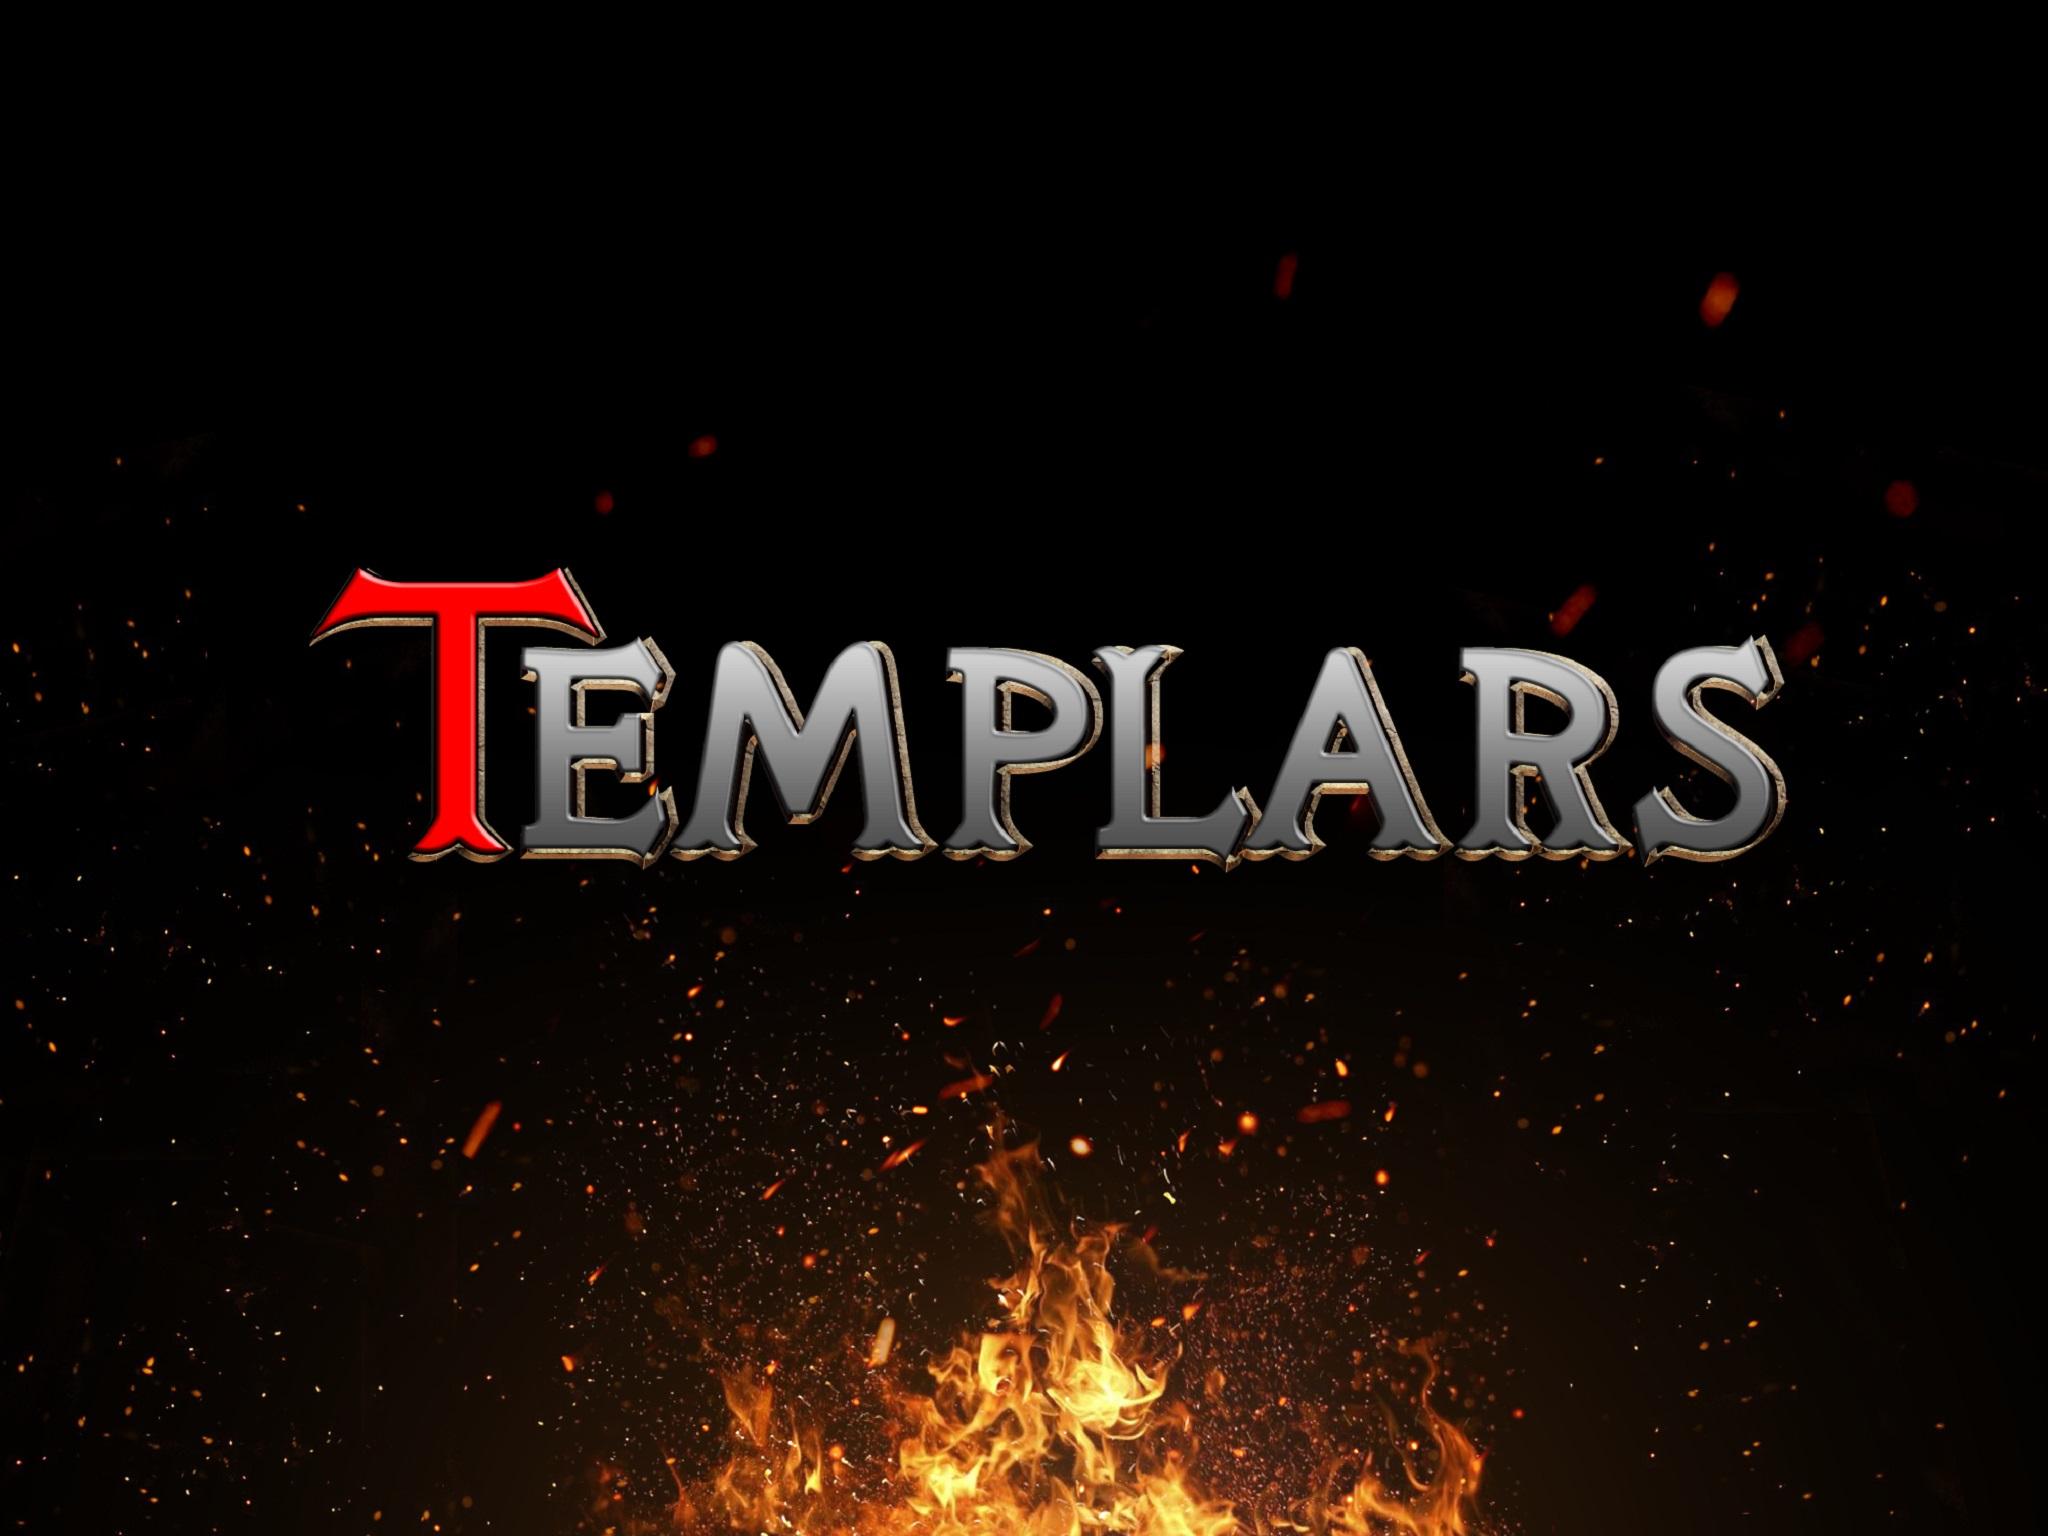 TemplarsGameYoutube.jpg